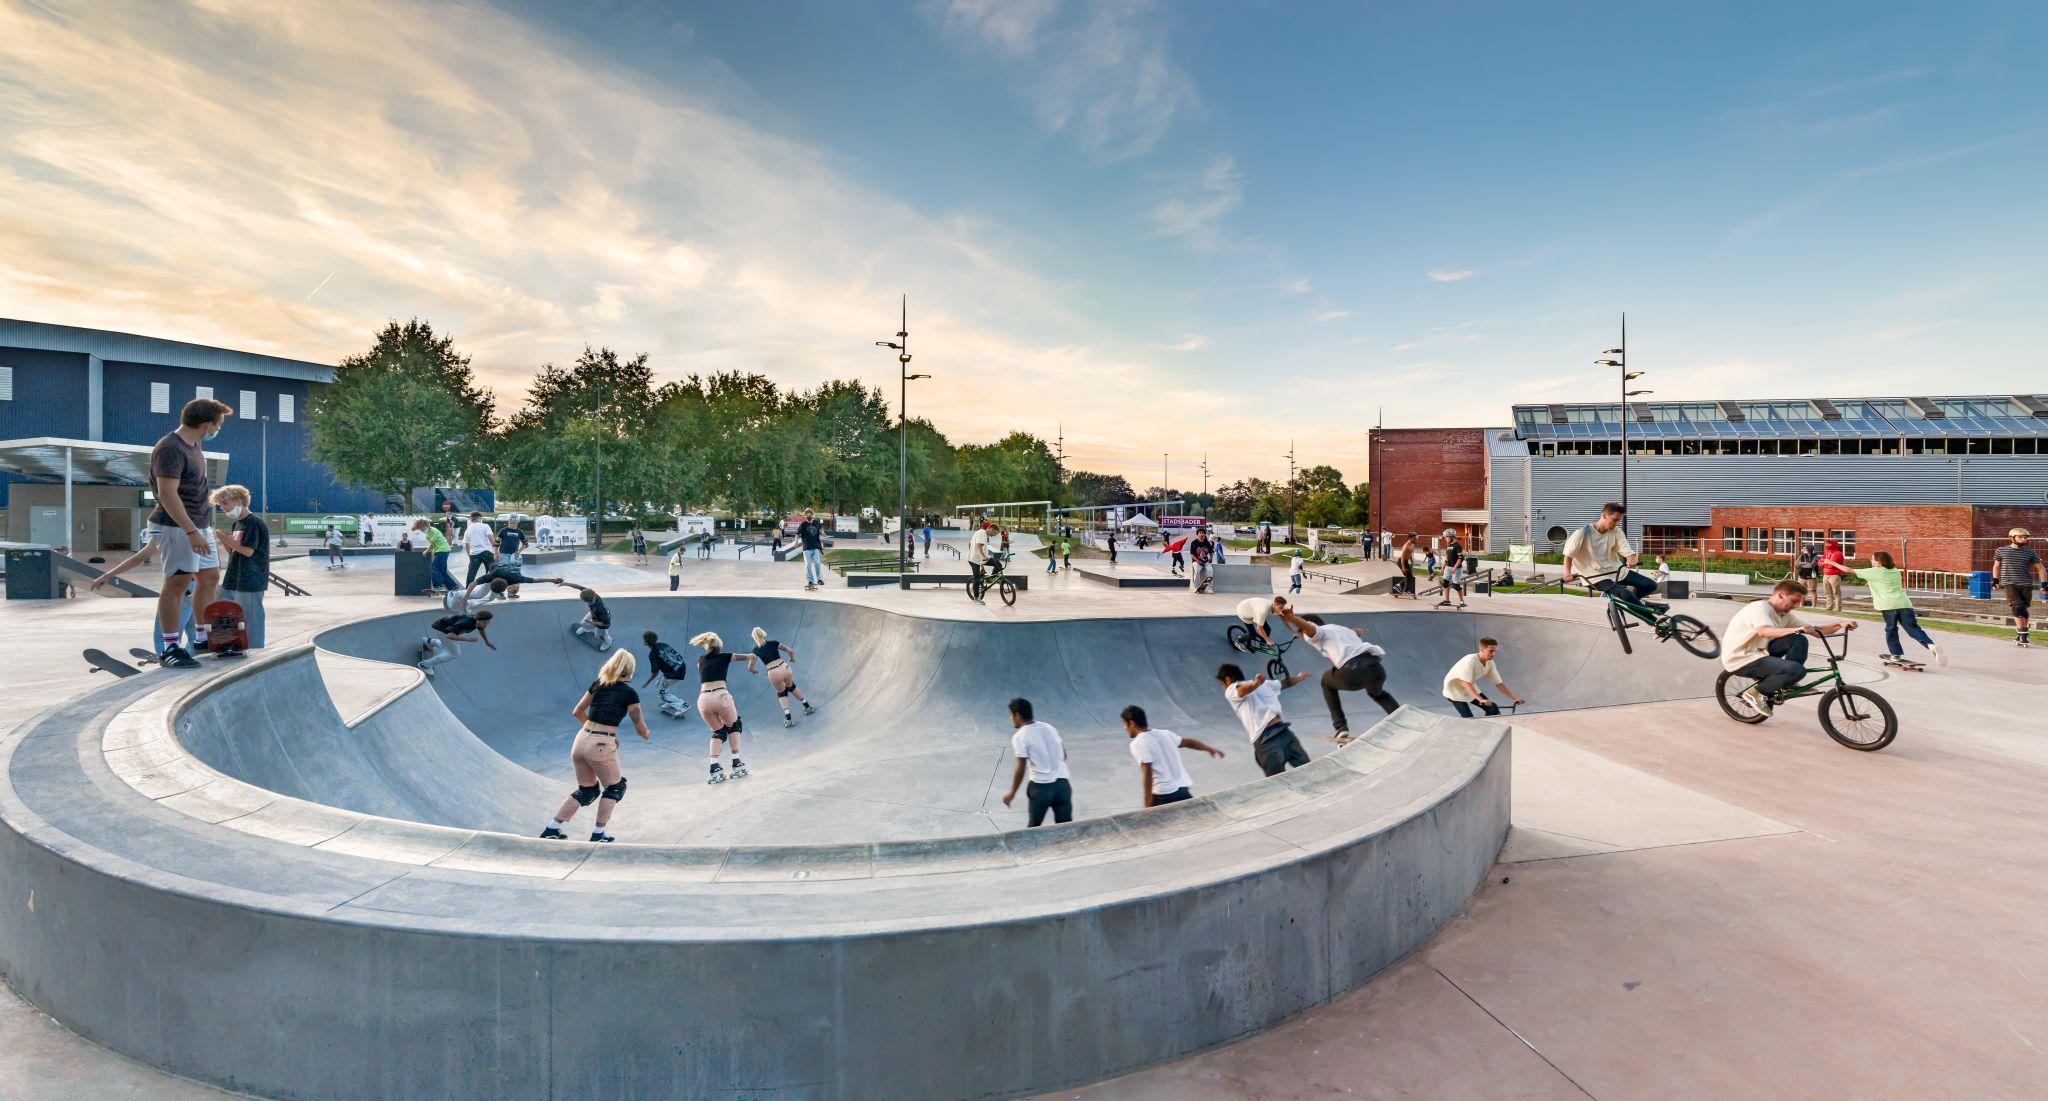 Skatepark Blaarmeersen, Ghent, Belgium, Belgium